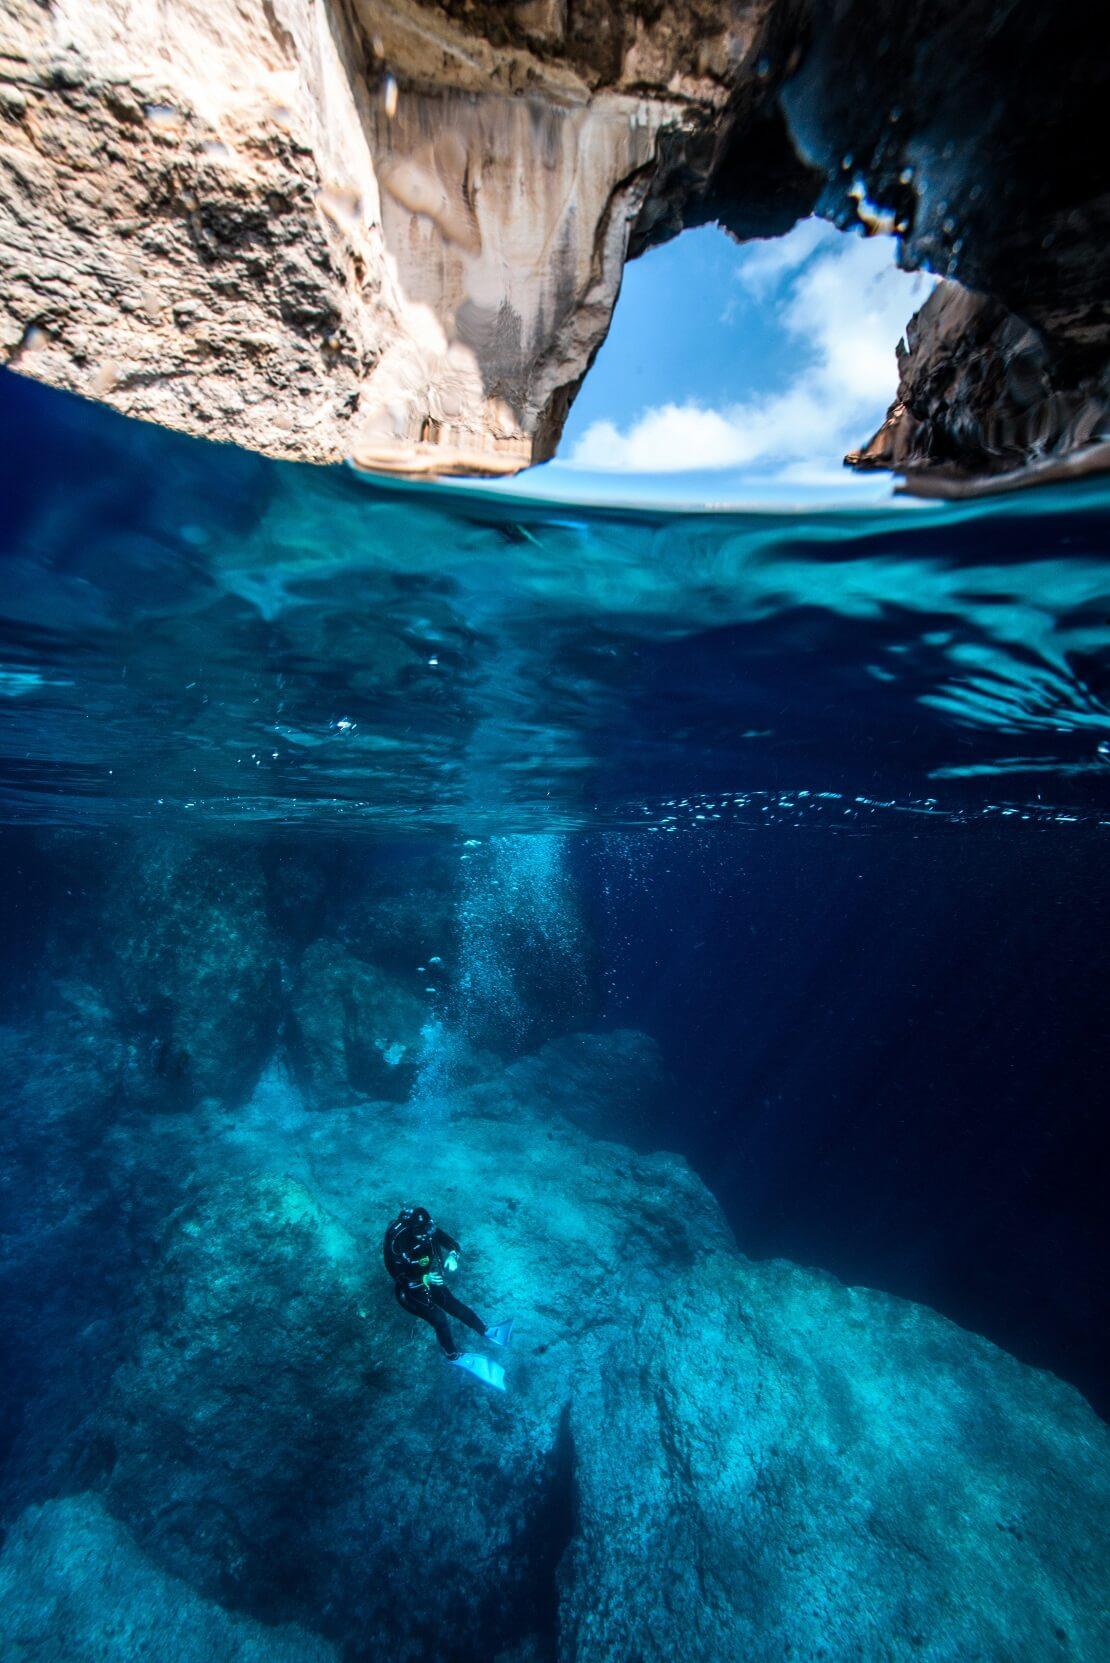 Taucher schwimmt im Blue Hole auf Malta